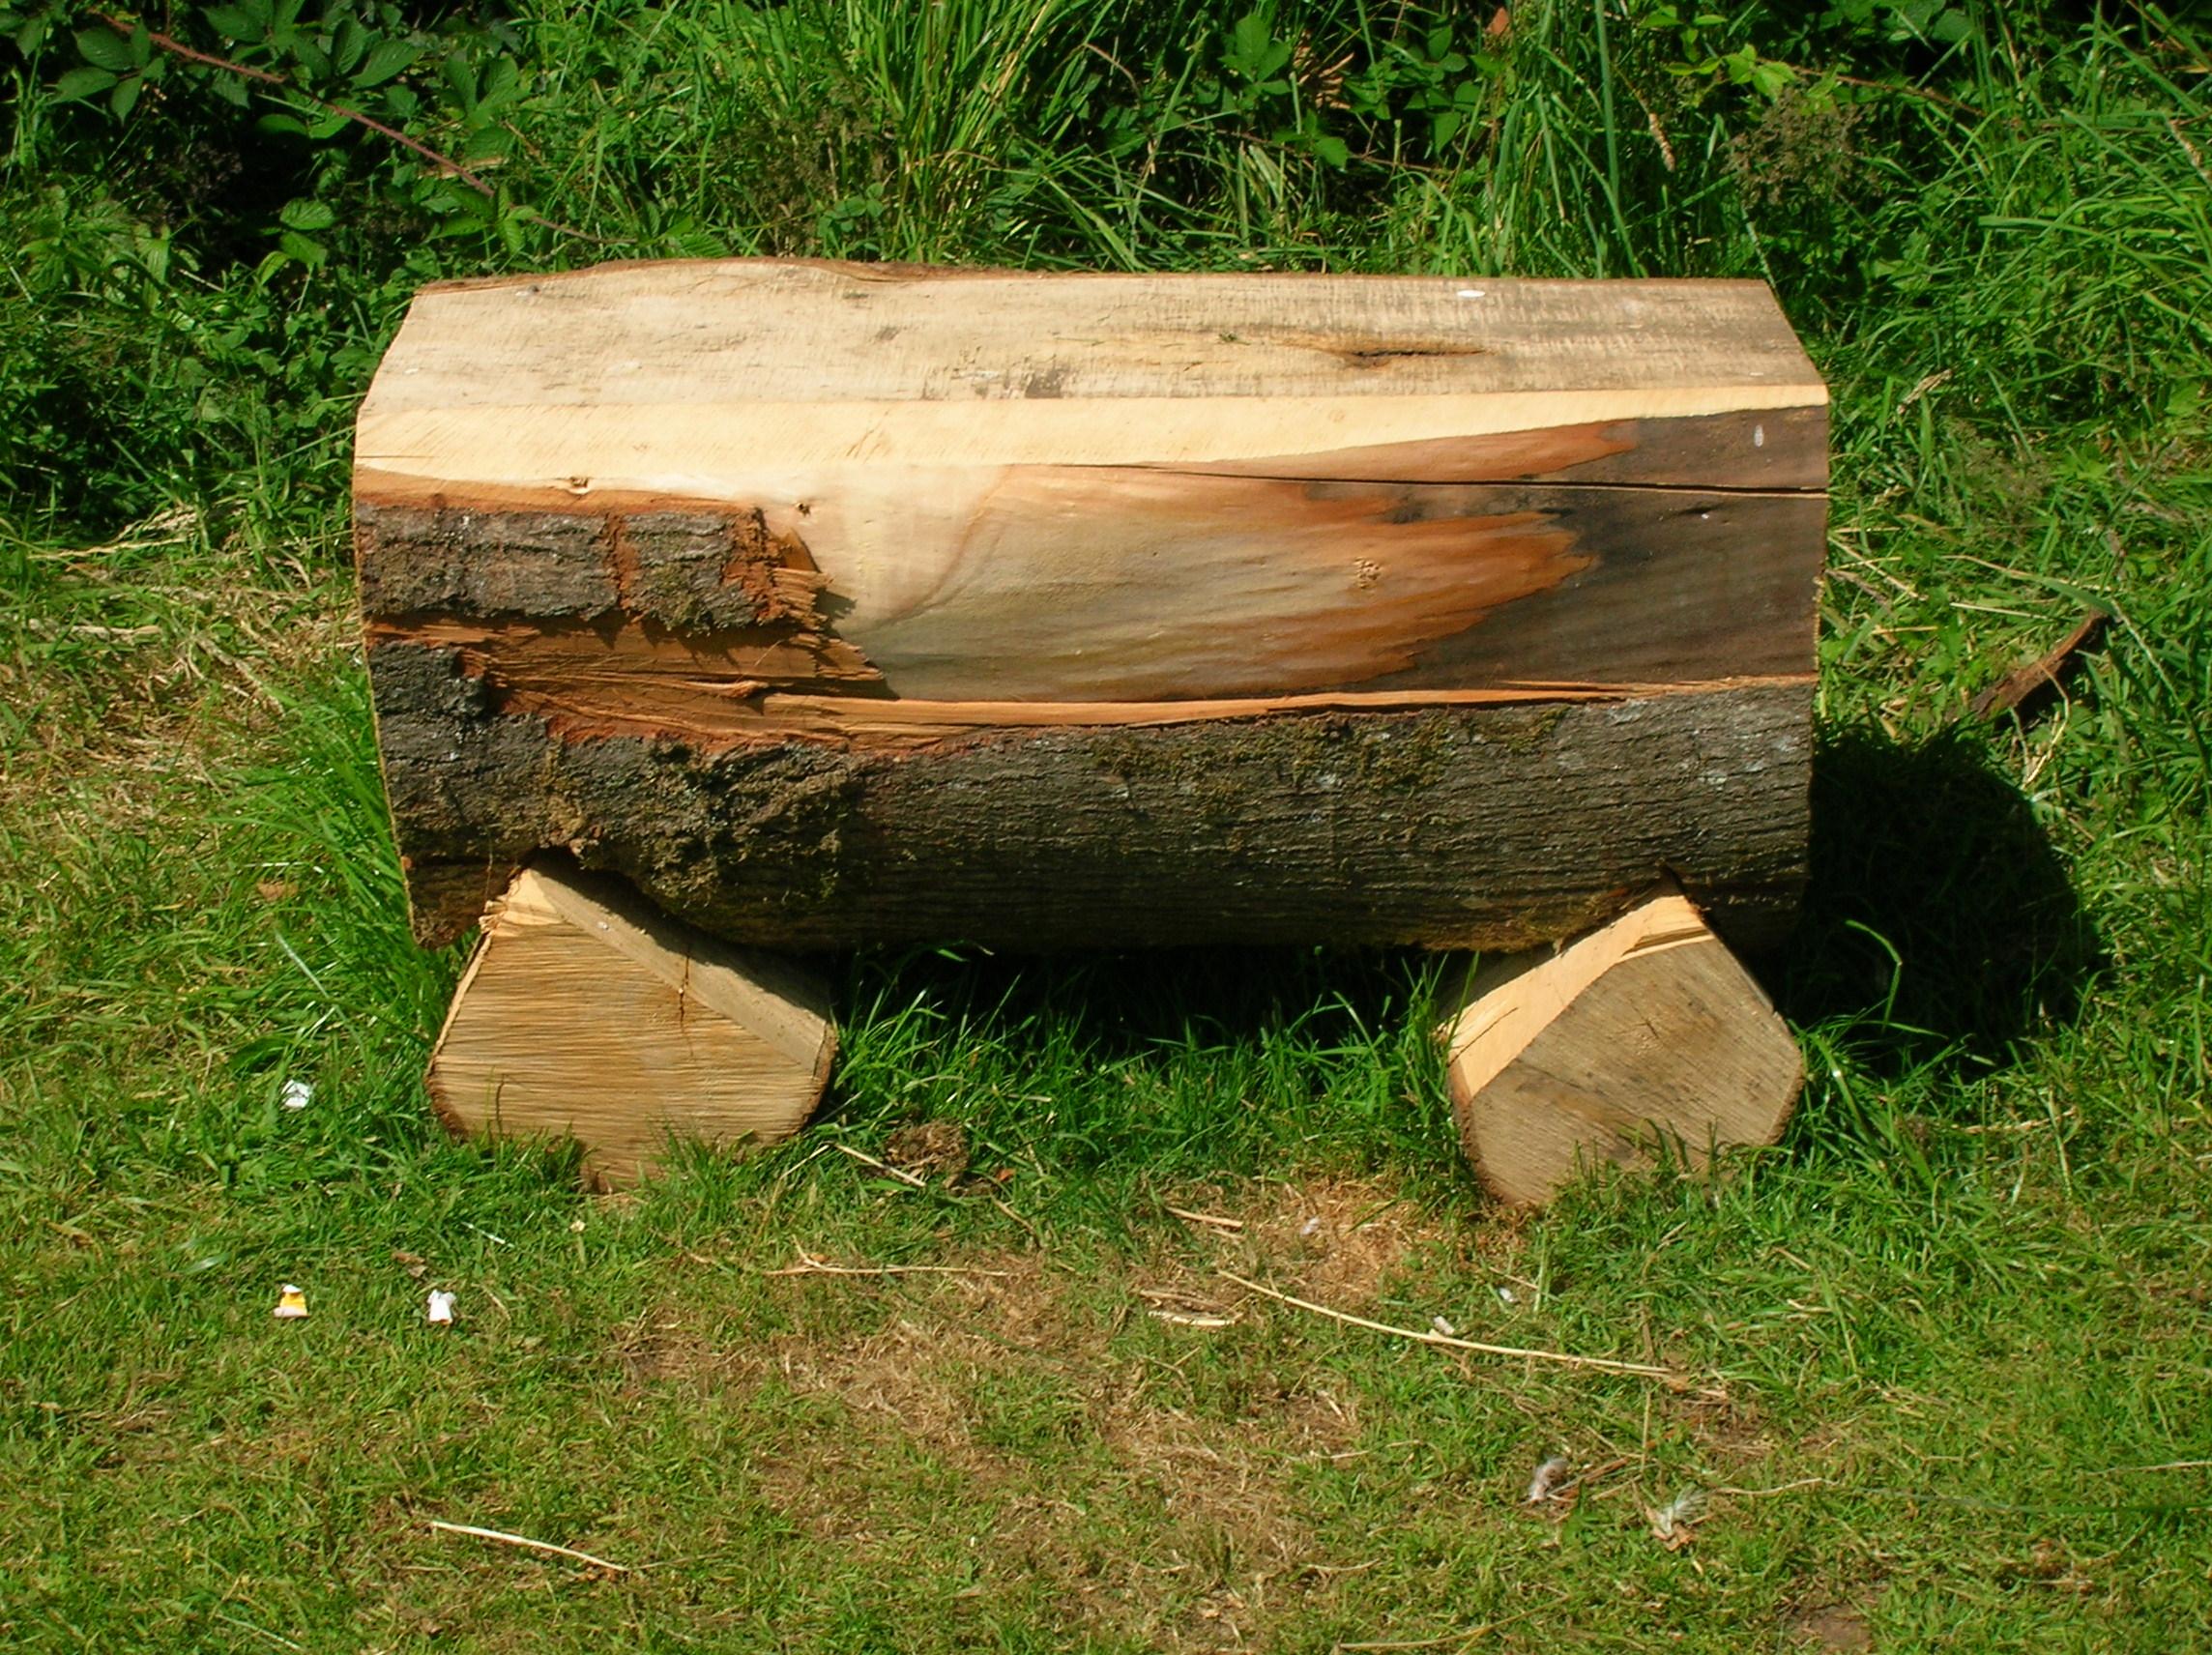 File:Log Seat - Spier's School.jpg - Wikimedia Commons